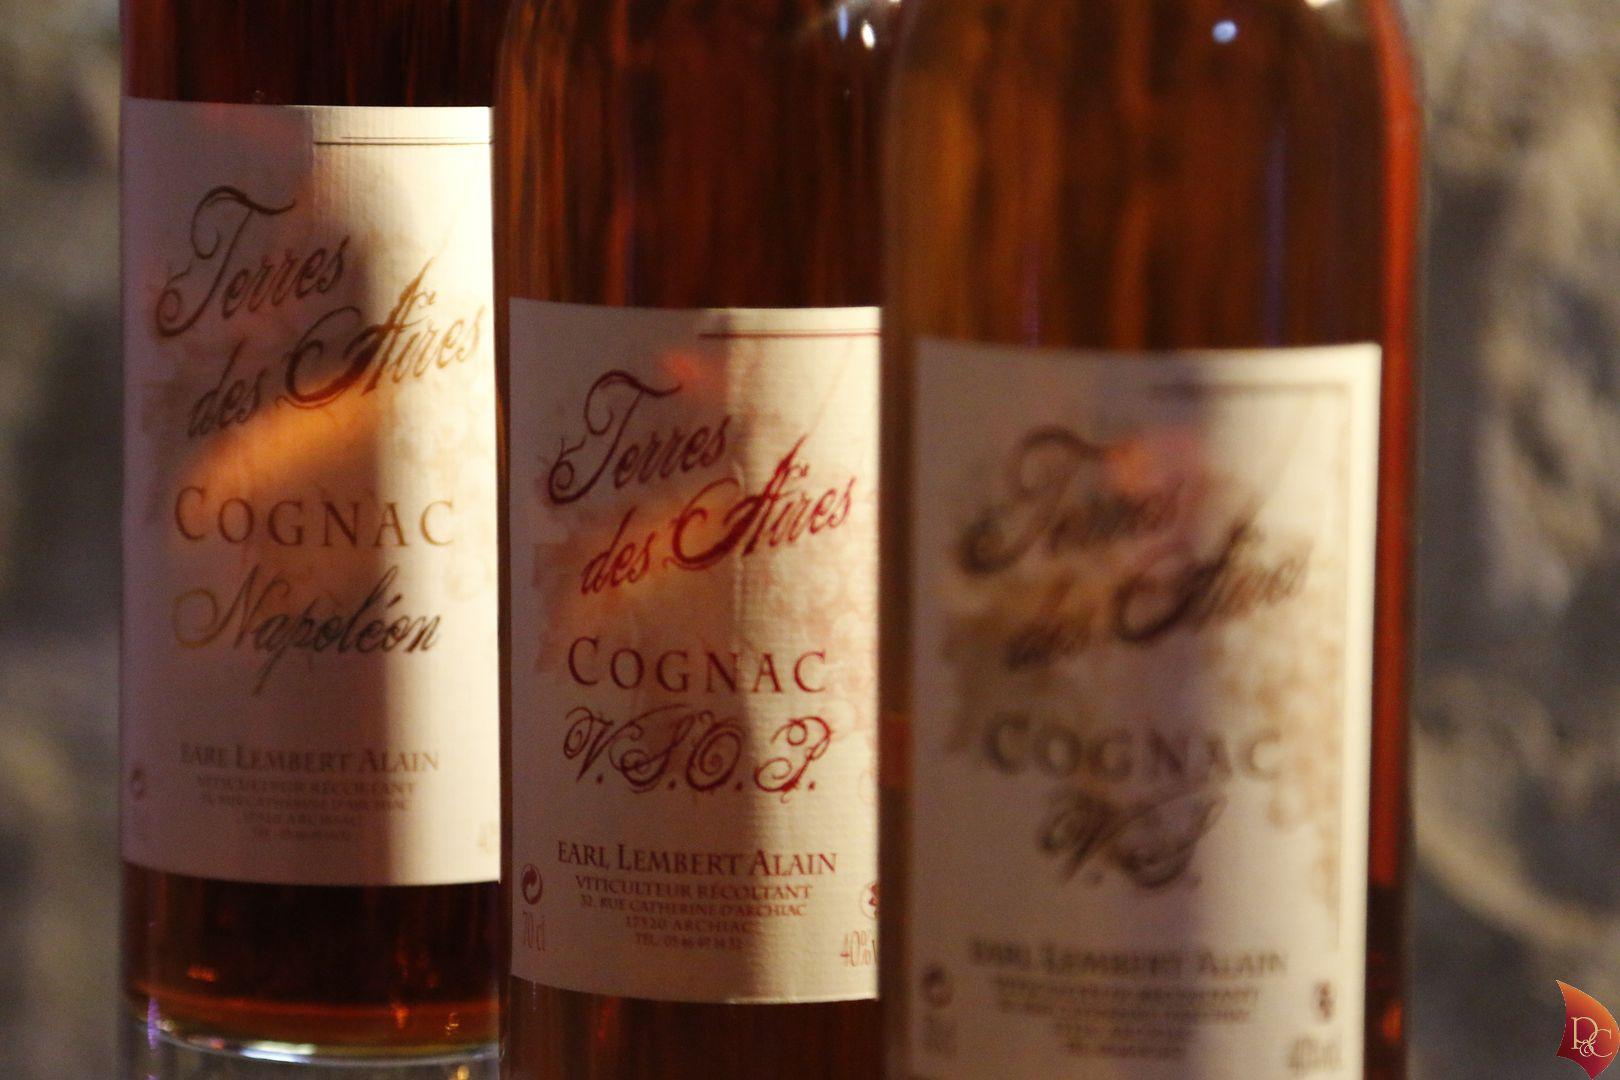 P&C Bouteilles Cognac VSOP